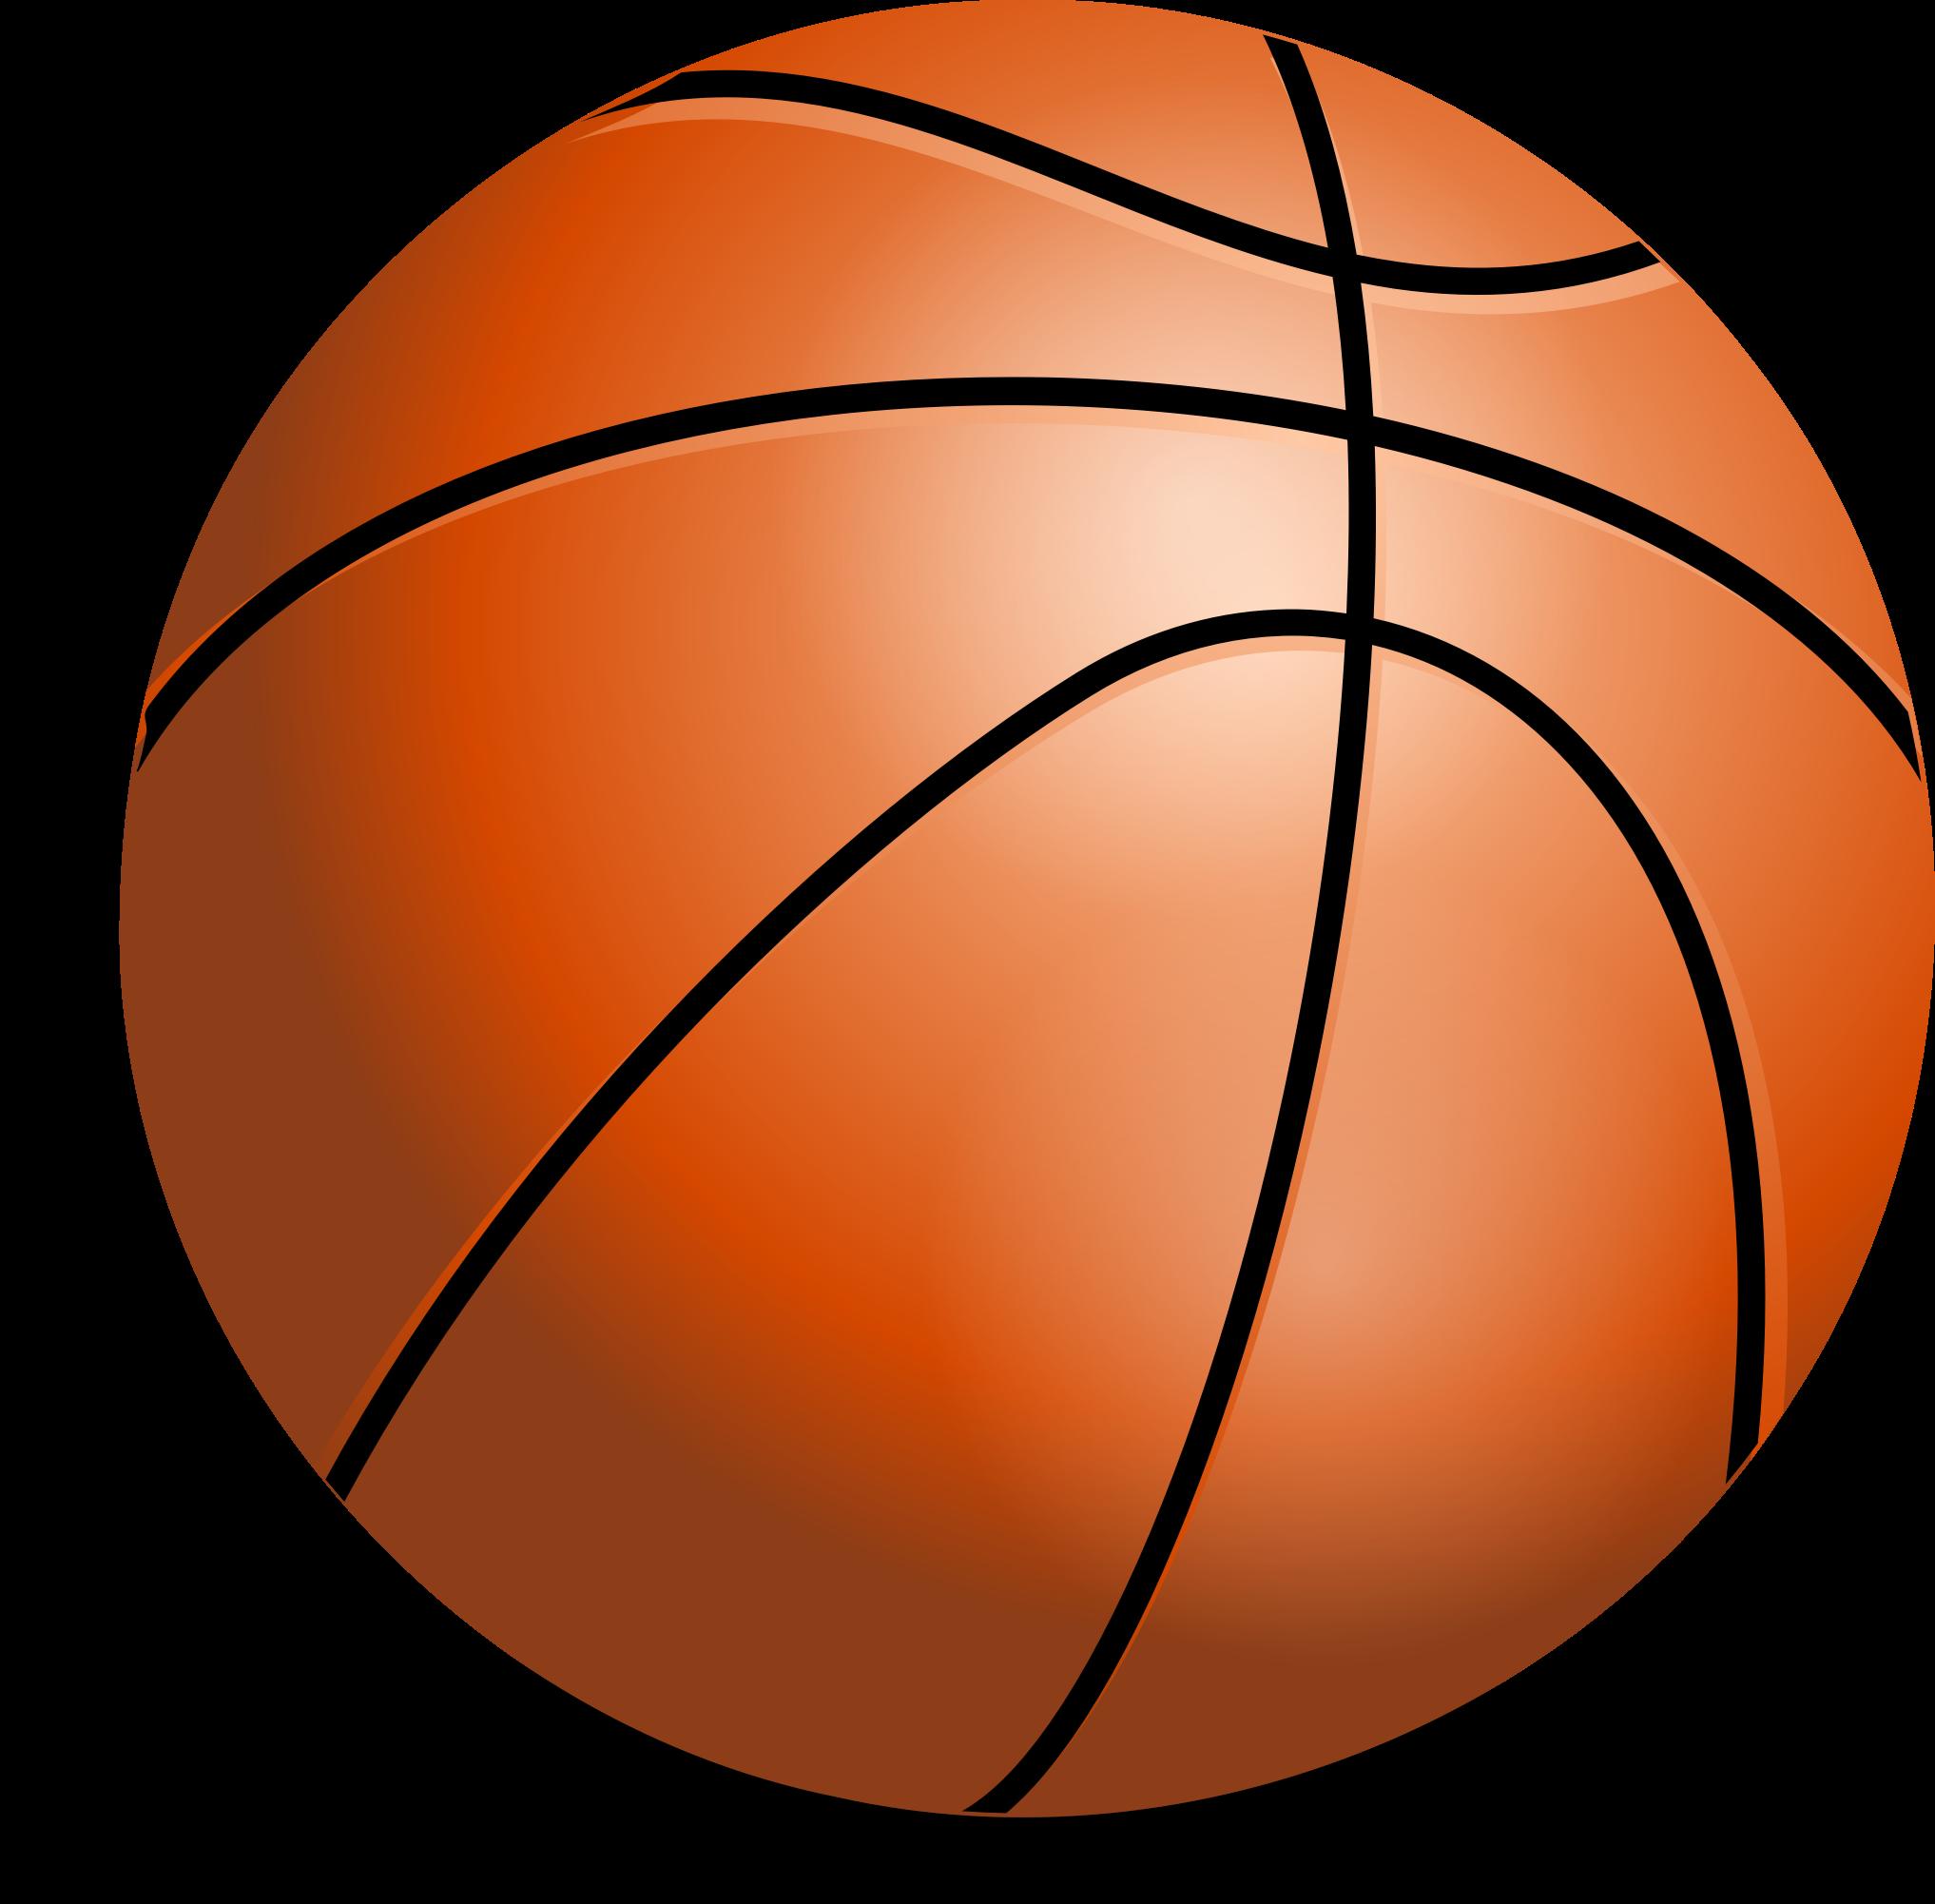 Krepsinio kamuolys ball big. Clipart basketball basketball player